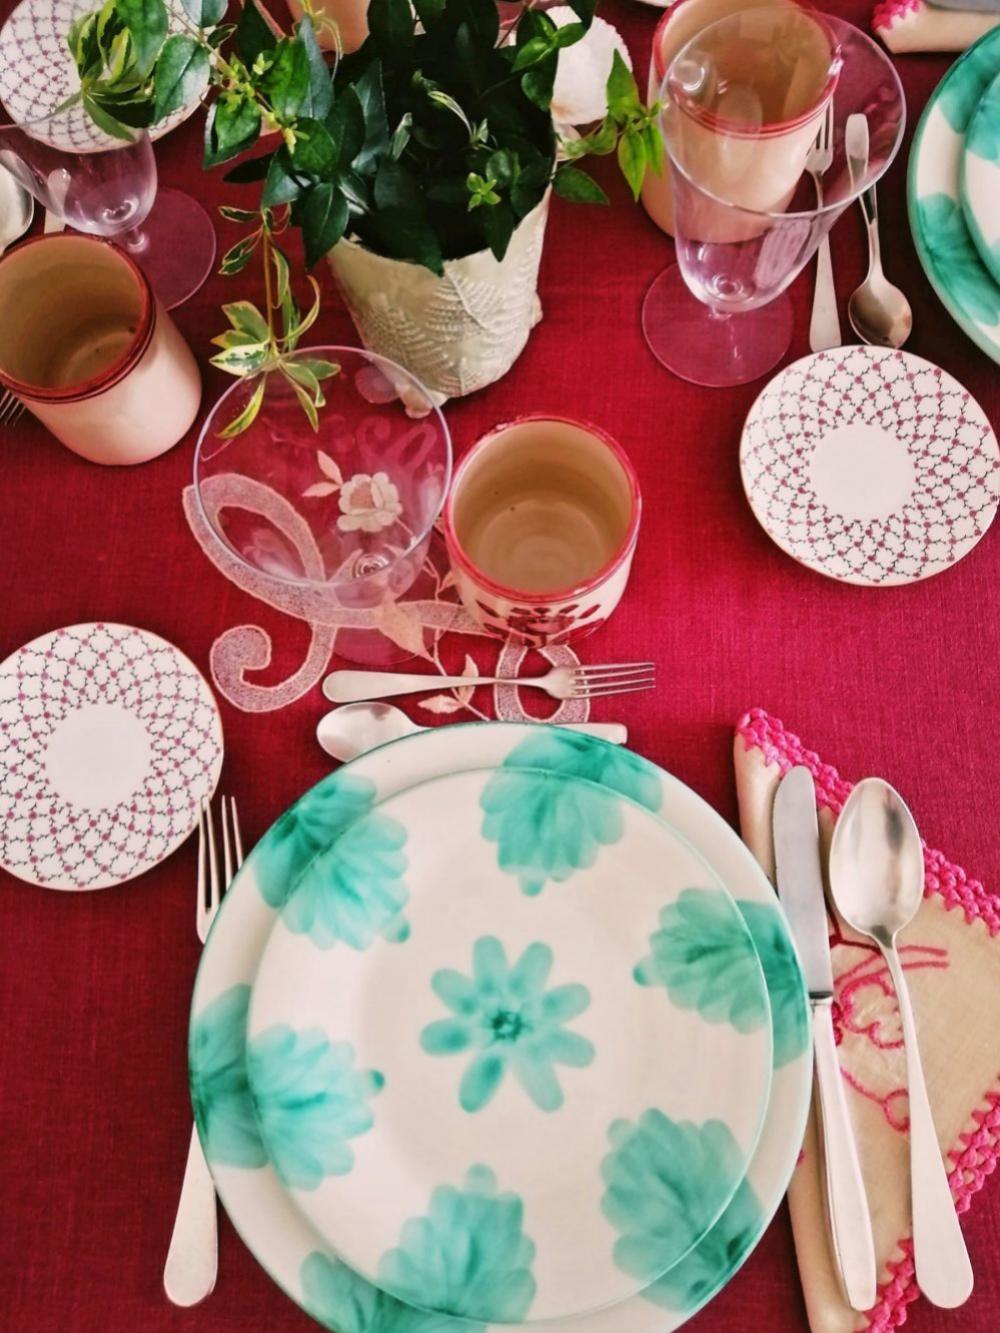 Mantel de lino color vino, platos de El Almacén de la loza, vasos de barro de Puente del Arzobispo y platitos de pan comprados en San Petersburgo.